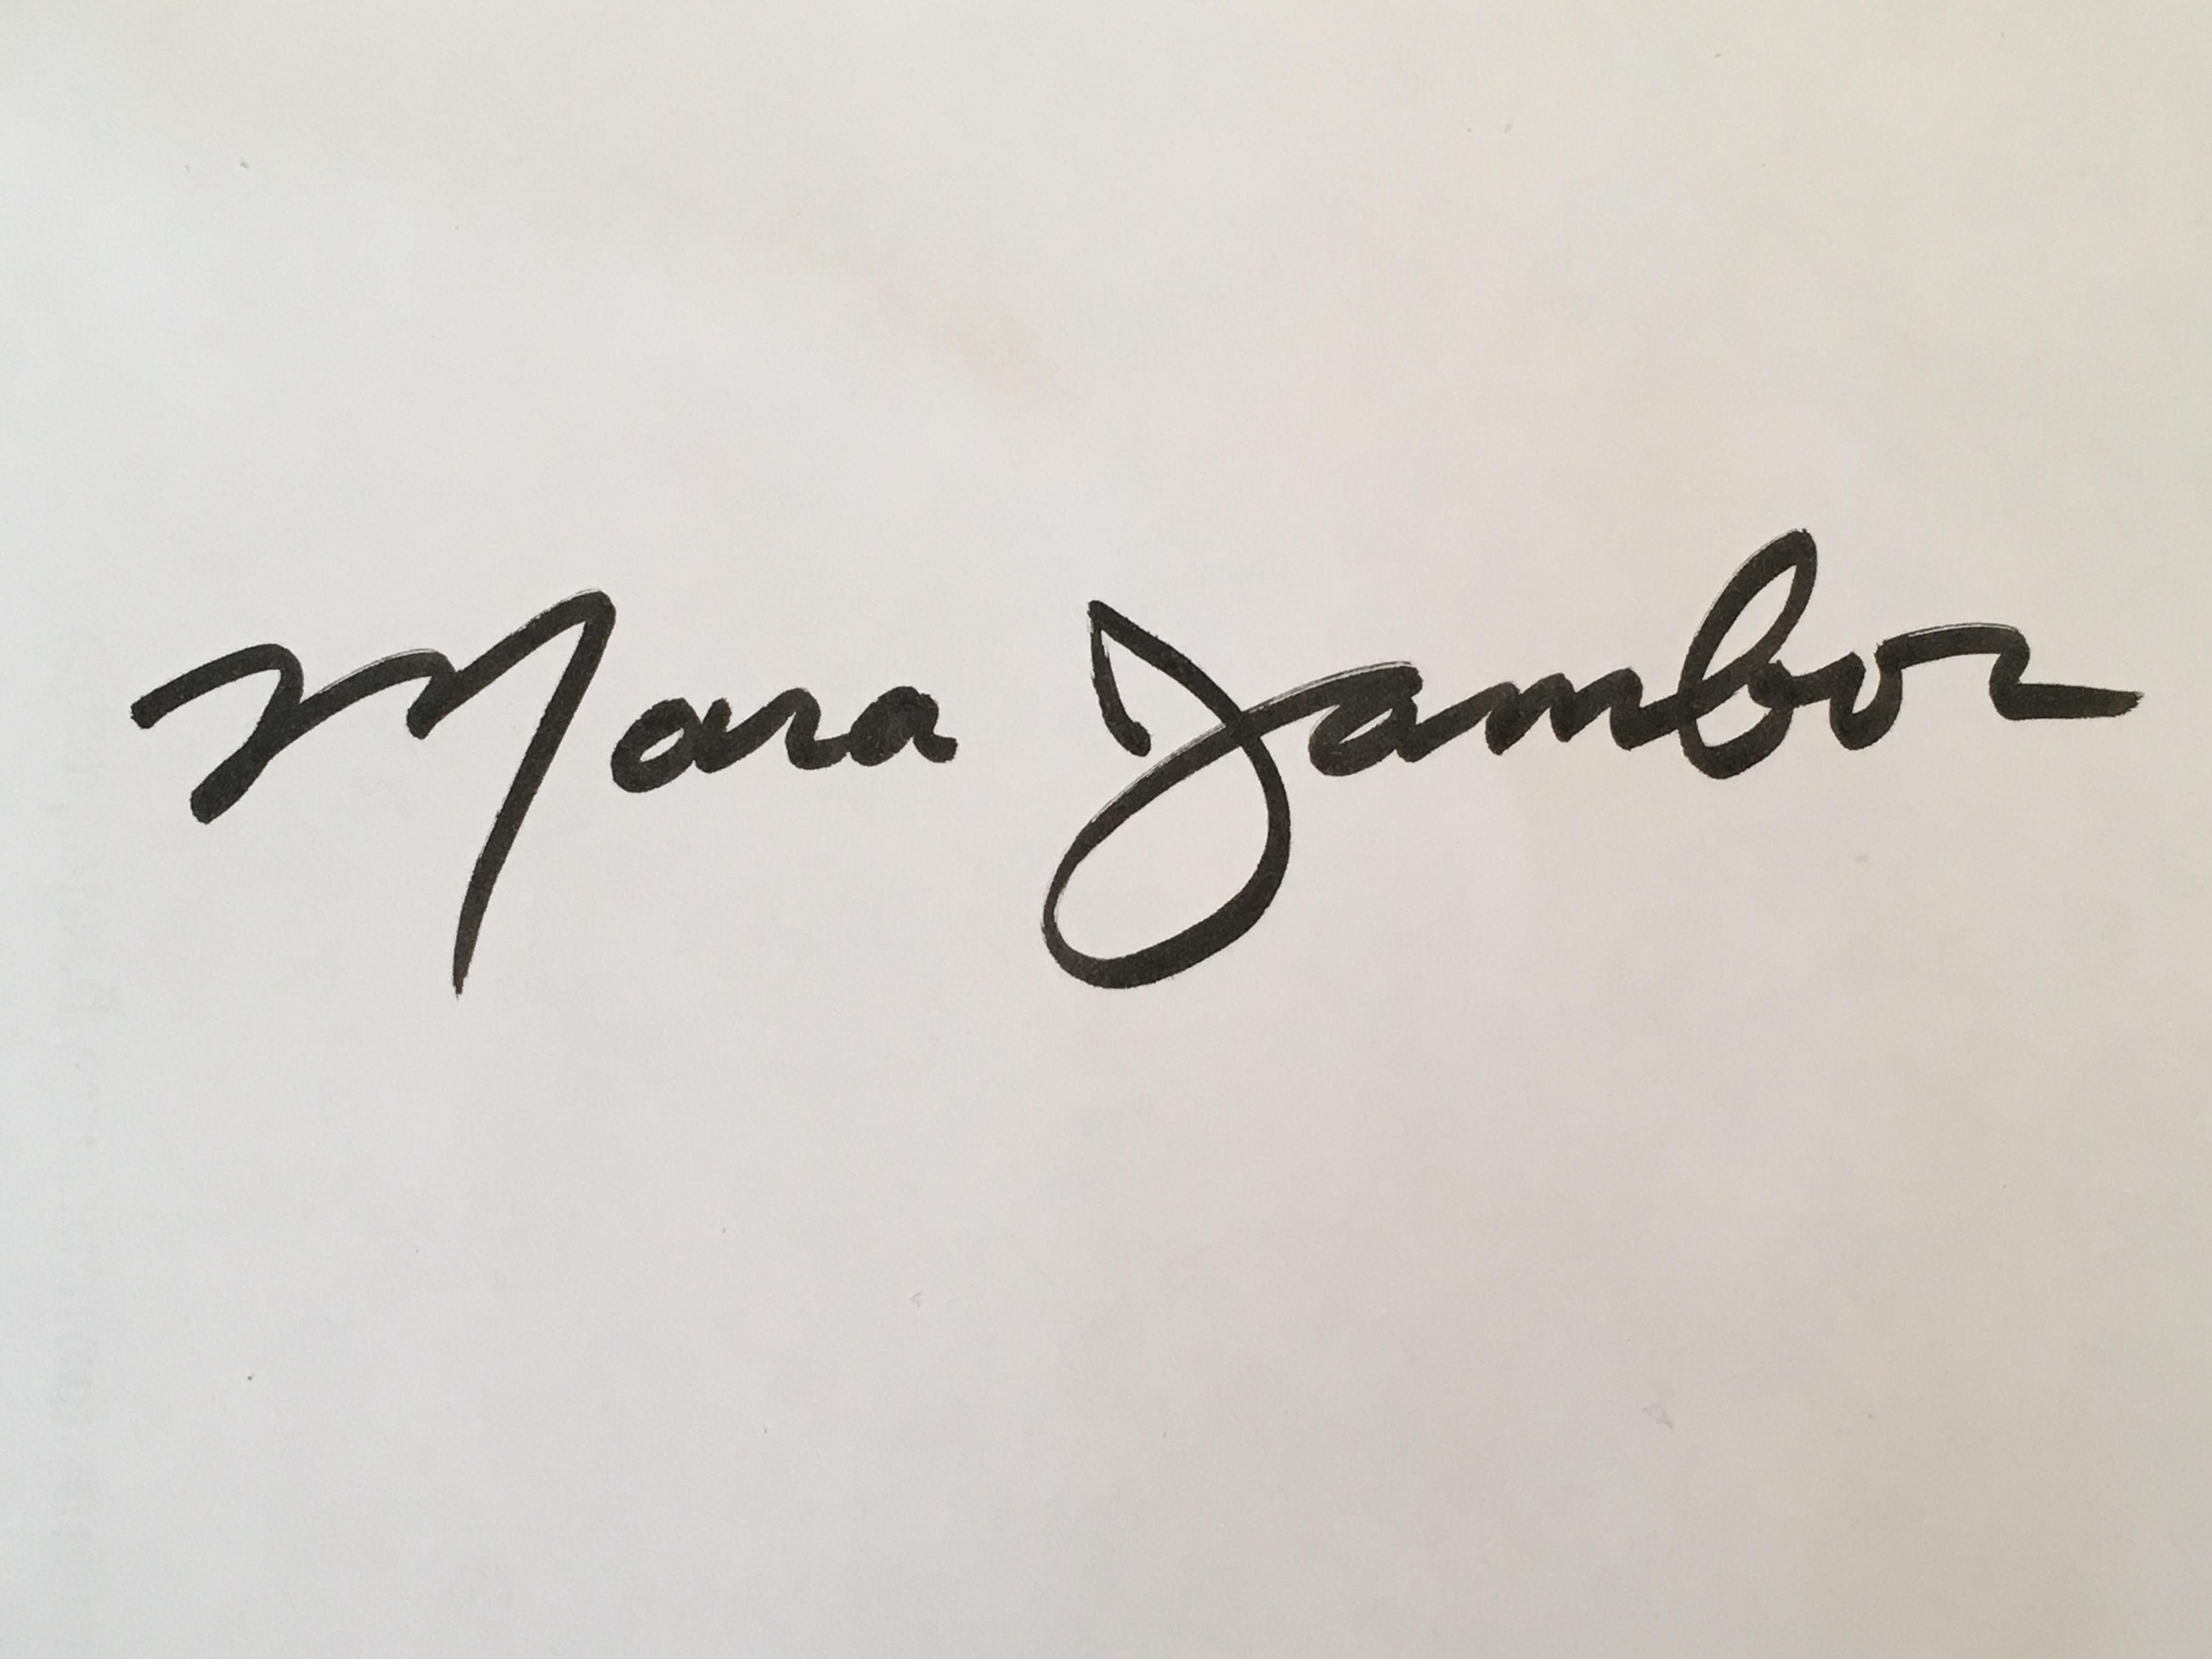 Mara Jambor's Signature